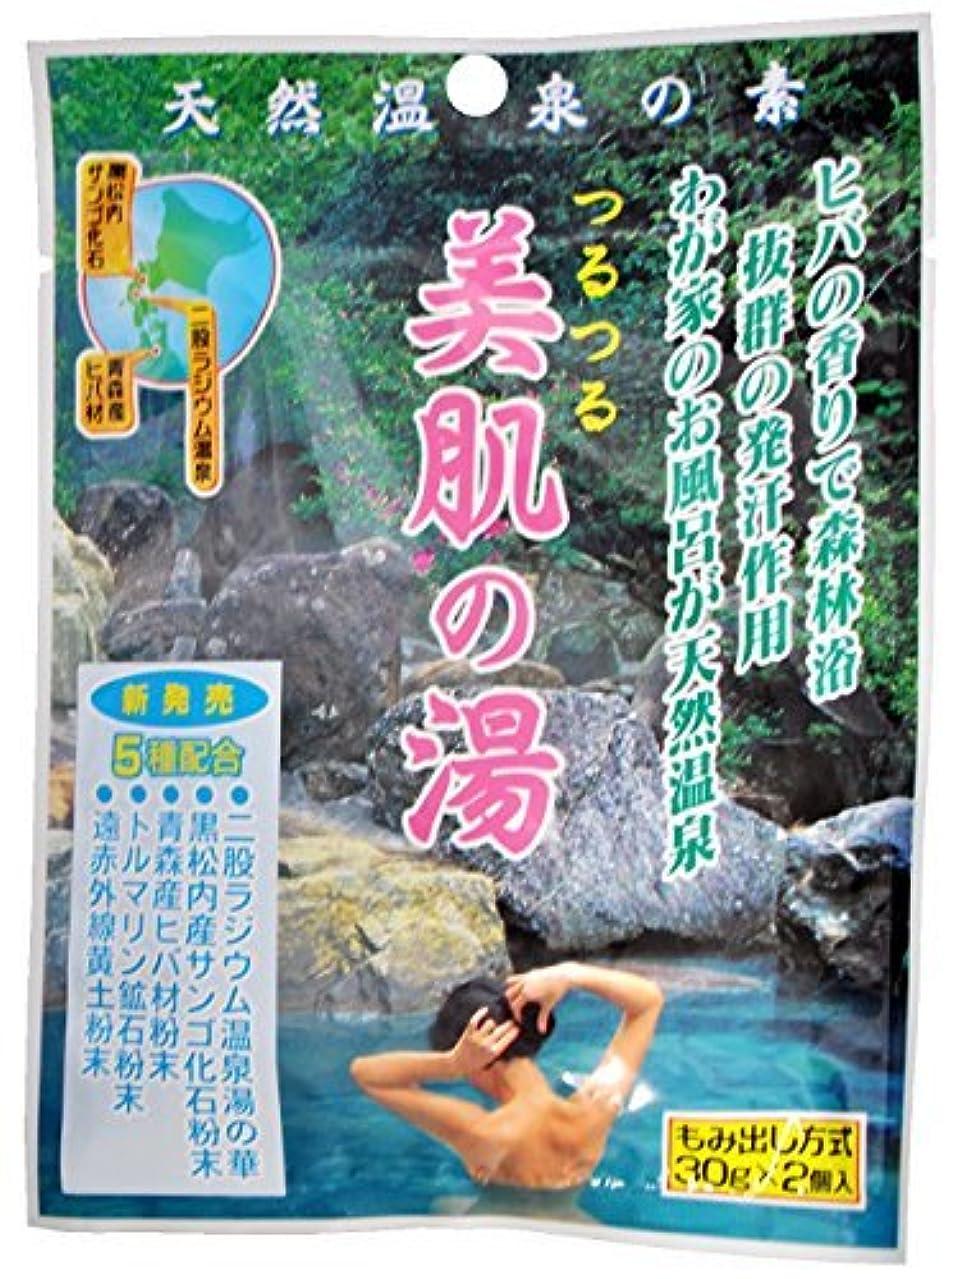 セブン取り壊す薄汚い【まとめ買い】天然成分入浴剤 つるつる 美肌の湯 2袋入 二股ラジウム温泉の湯の華 ×30個